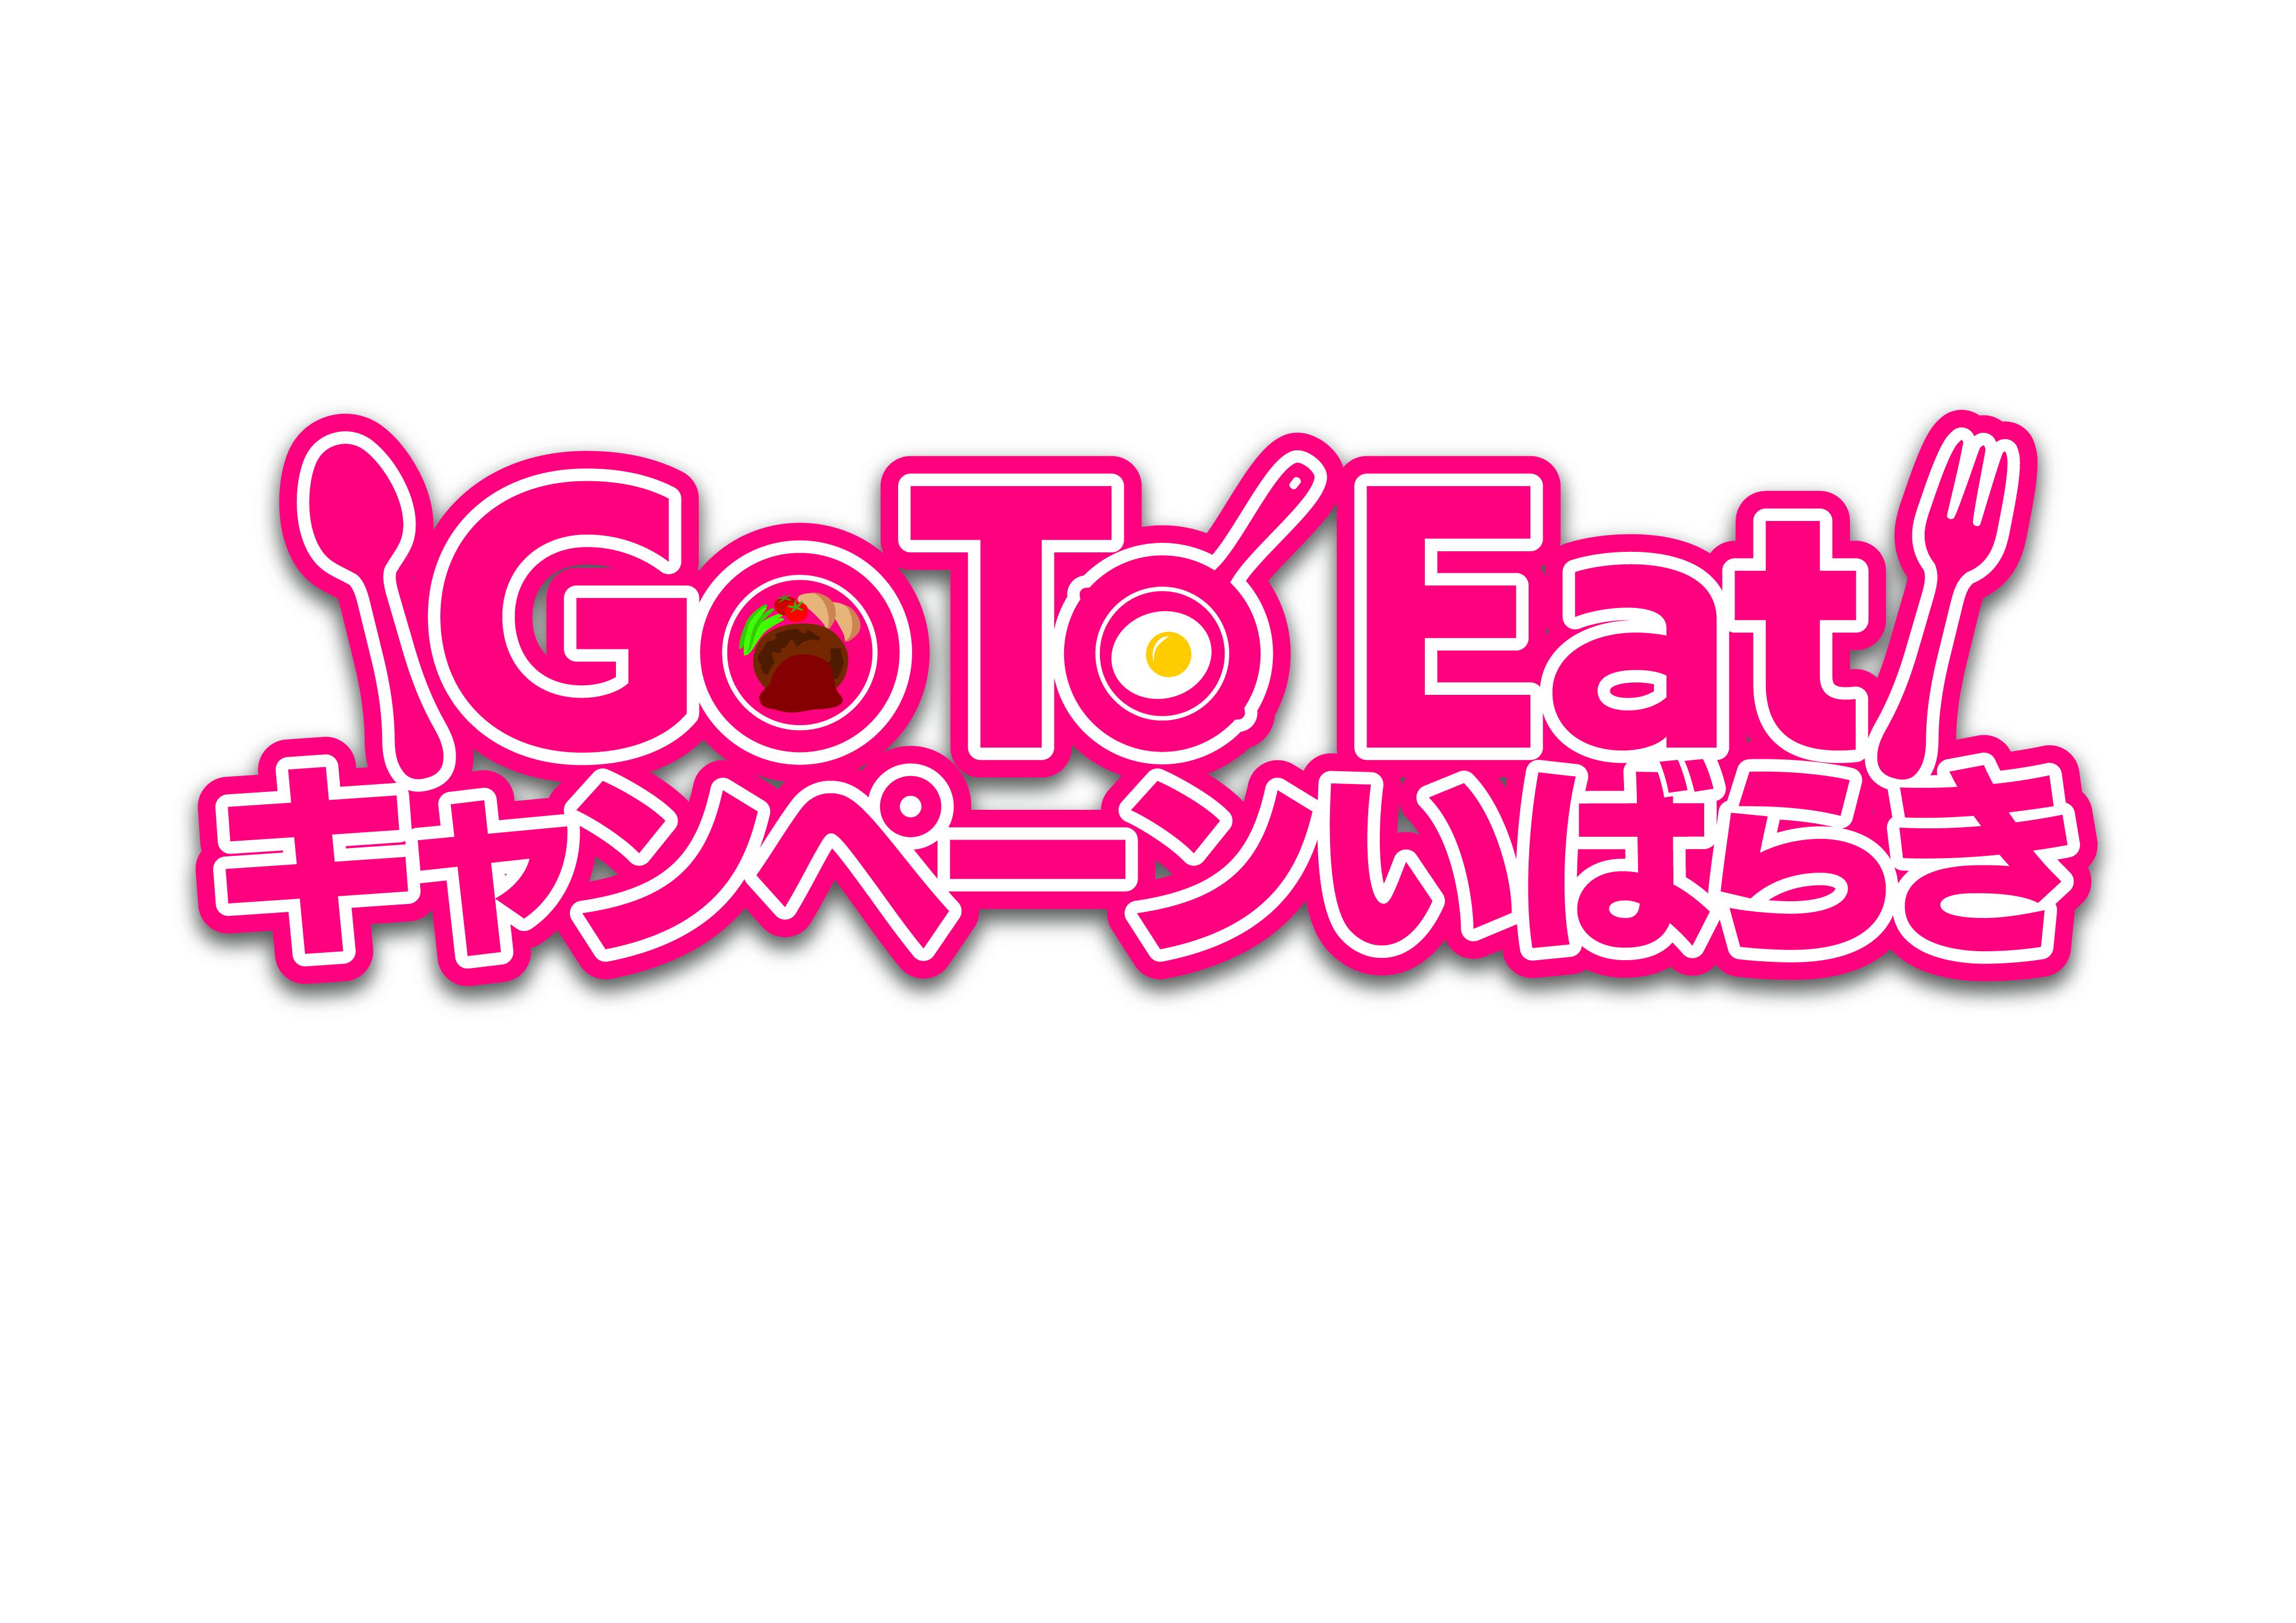 GoToEatキャンペーンいばらき